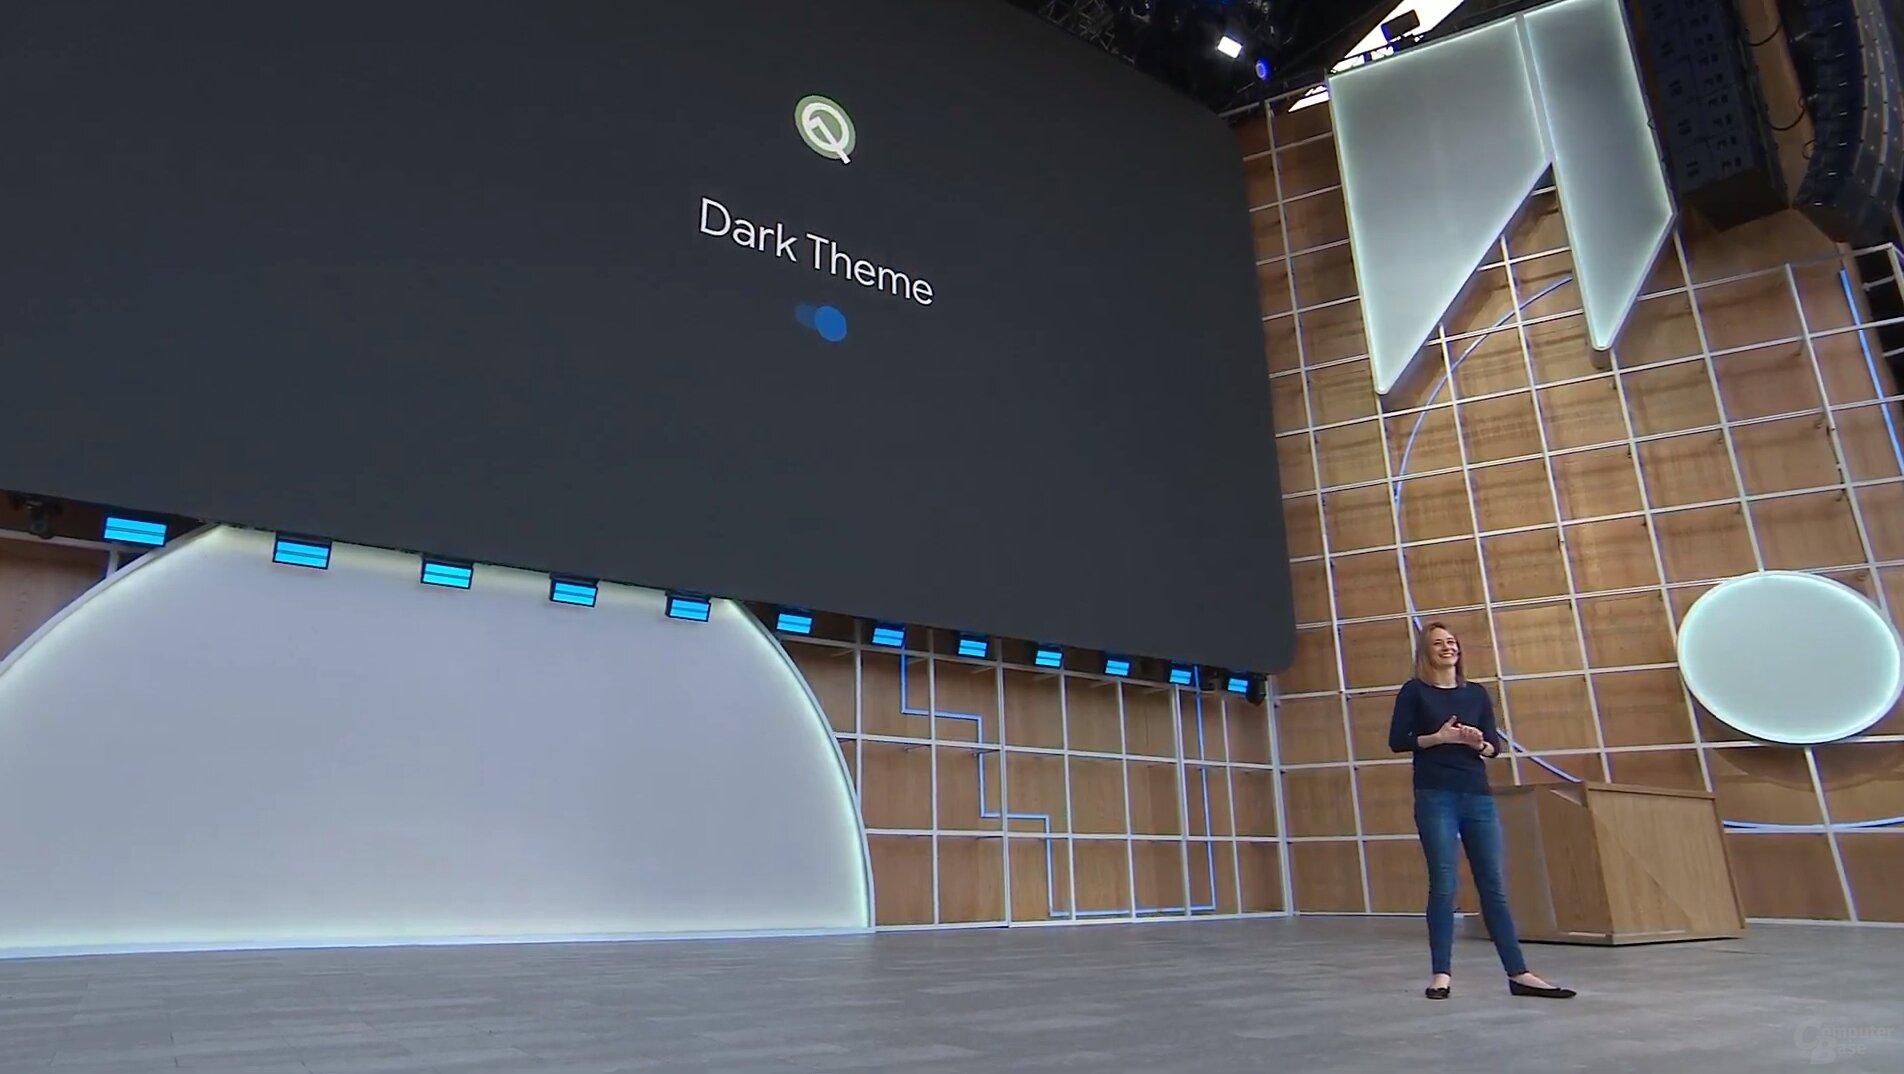 Neuer Dark Theme für Android 10